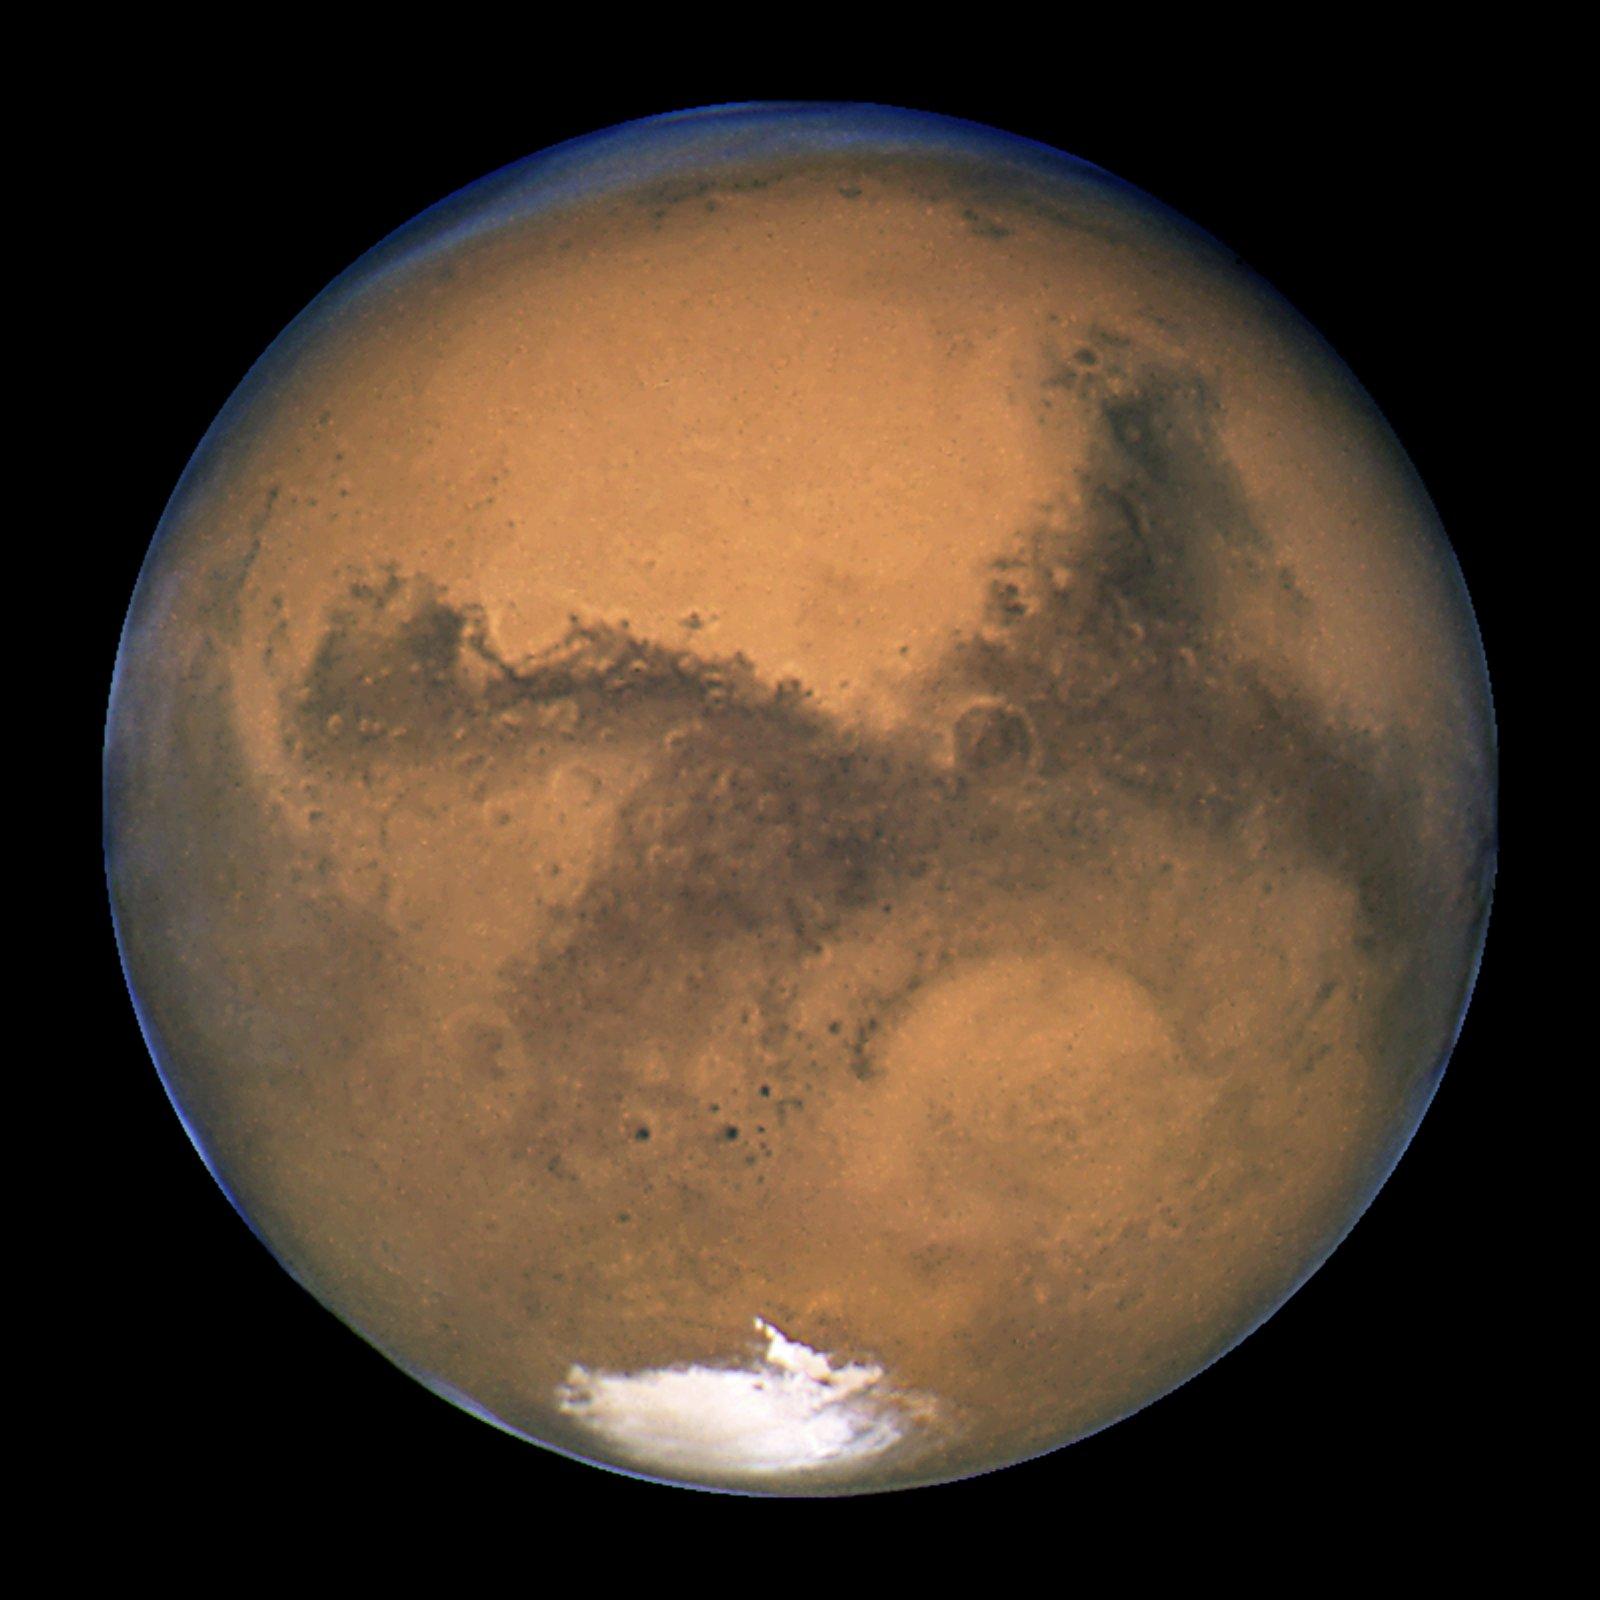 nasa moon mars update - photo #20